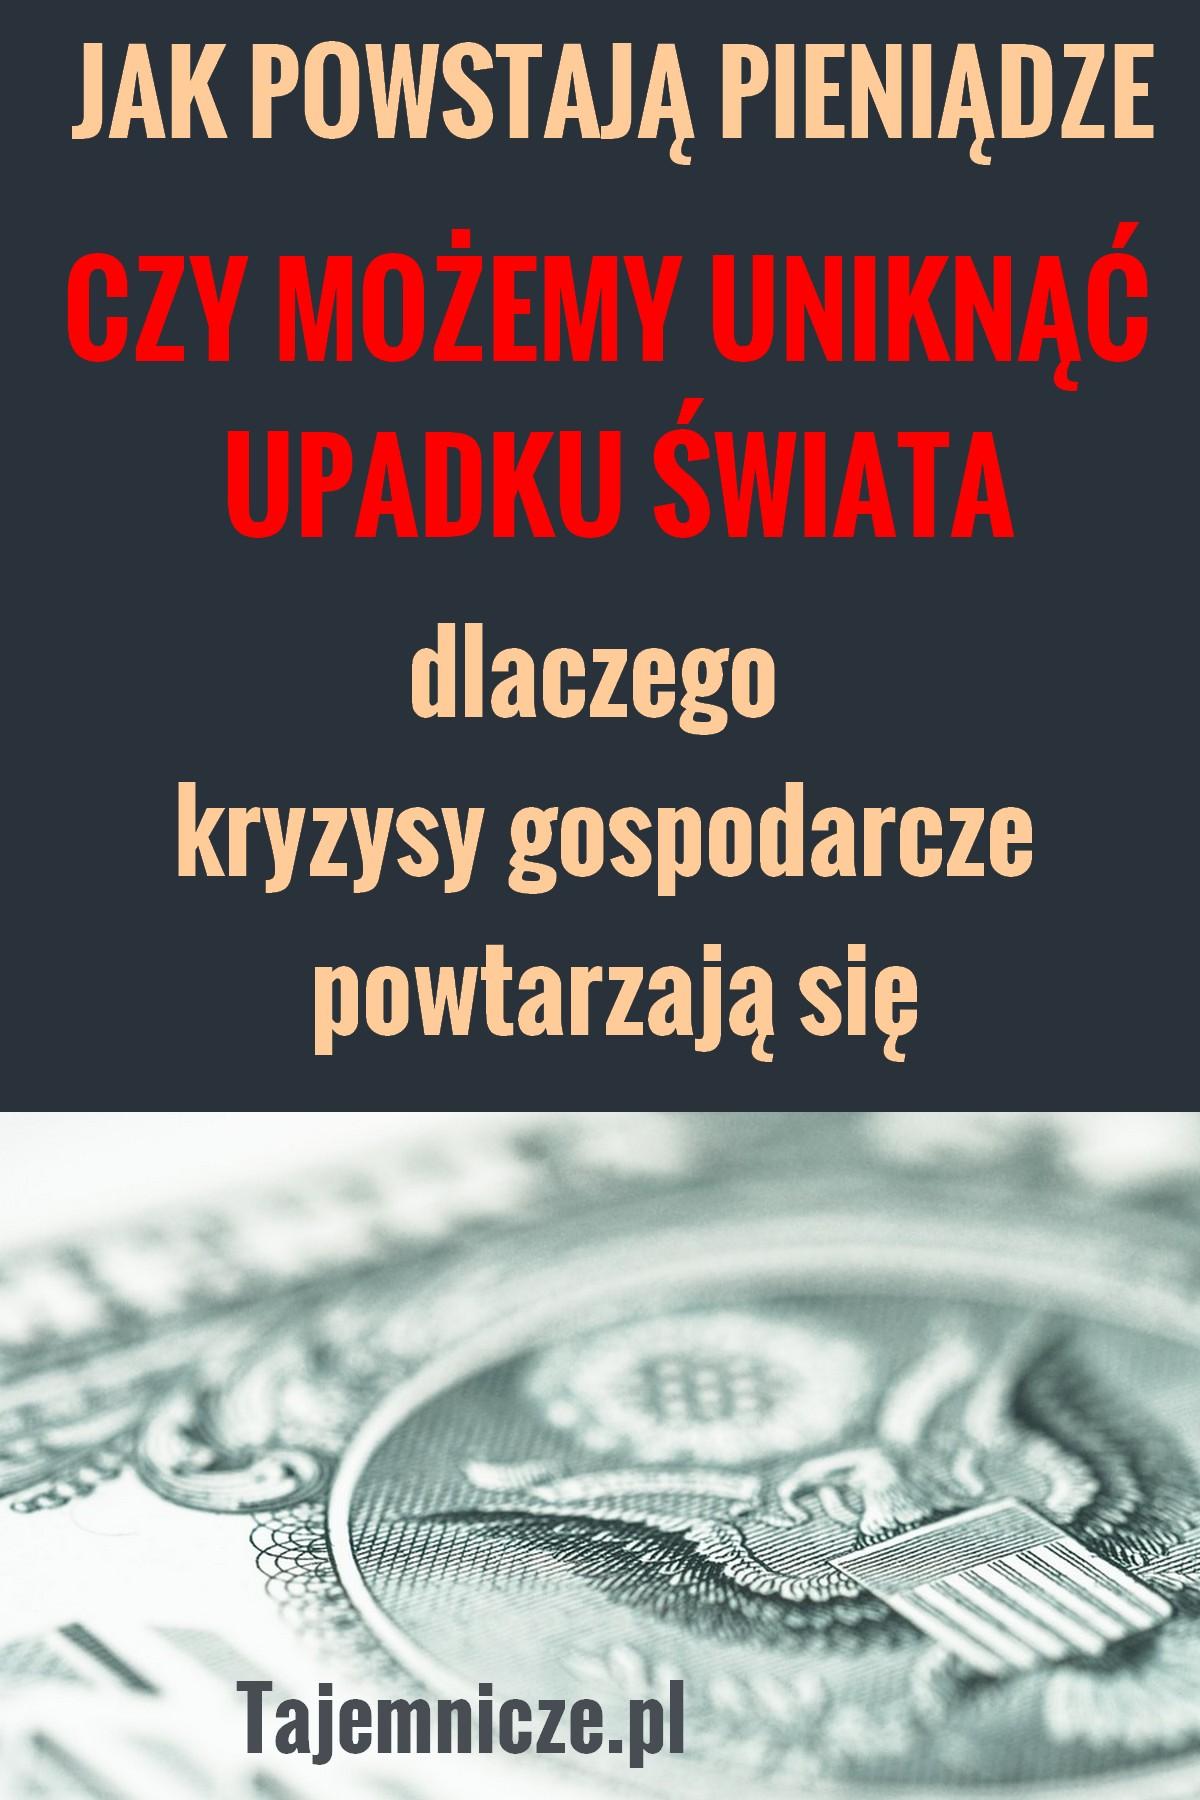 tajemnicze.pl-jak powstaja-pieniadze